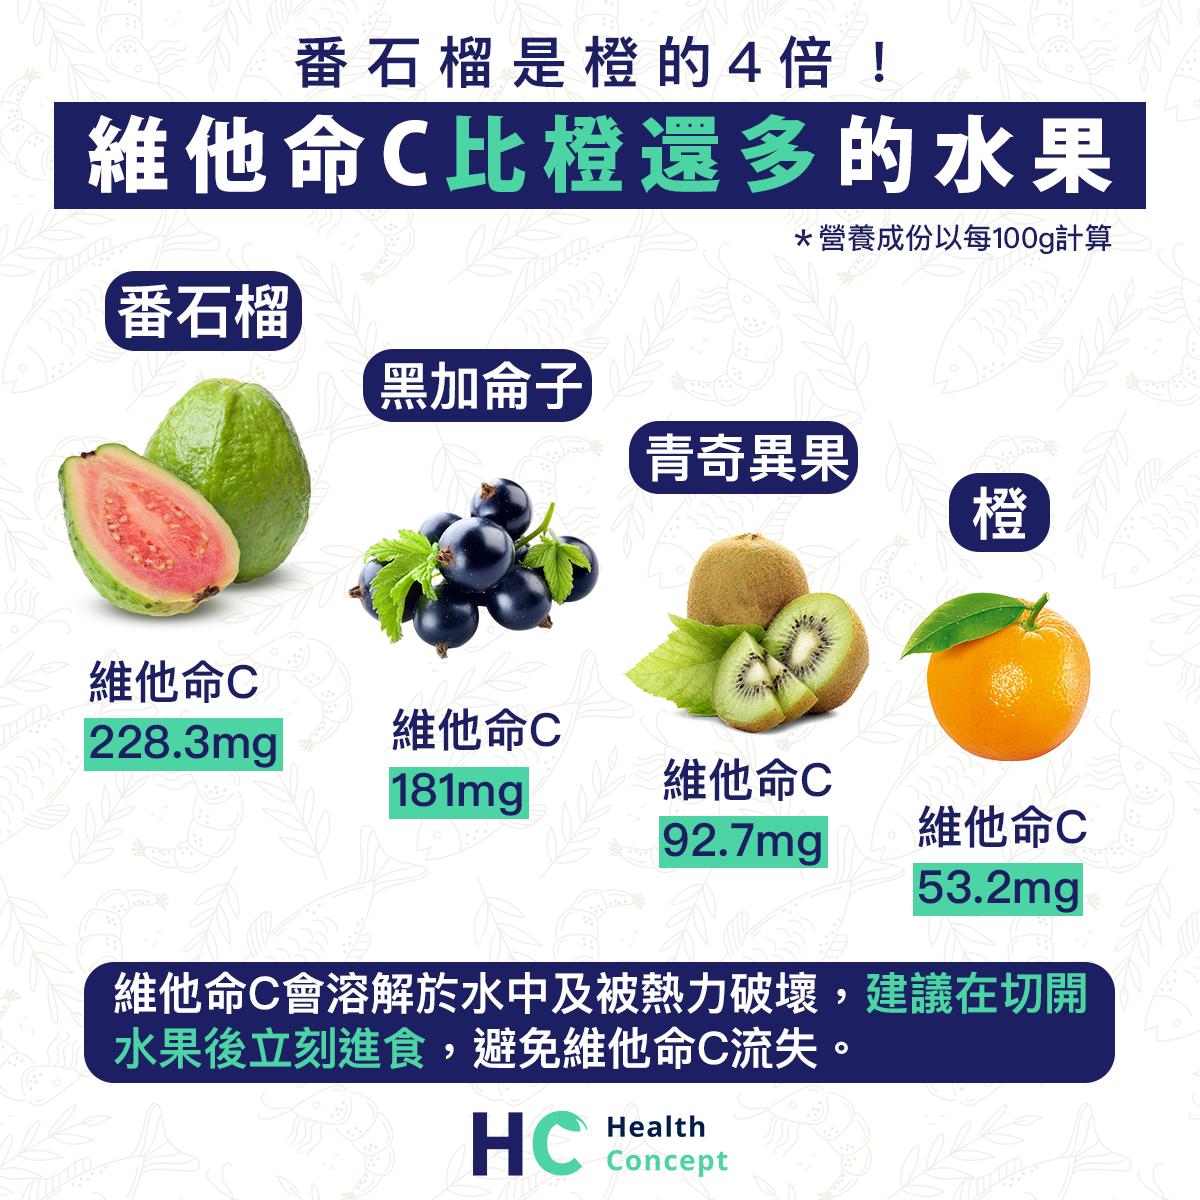 【#營養食品】番石榴是橙的4倍! 維他命C比橙還多的水果